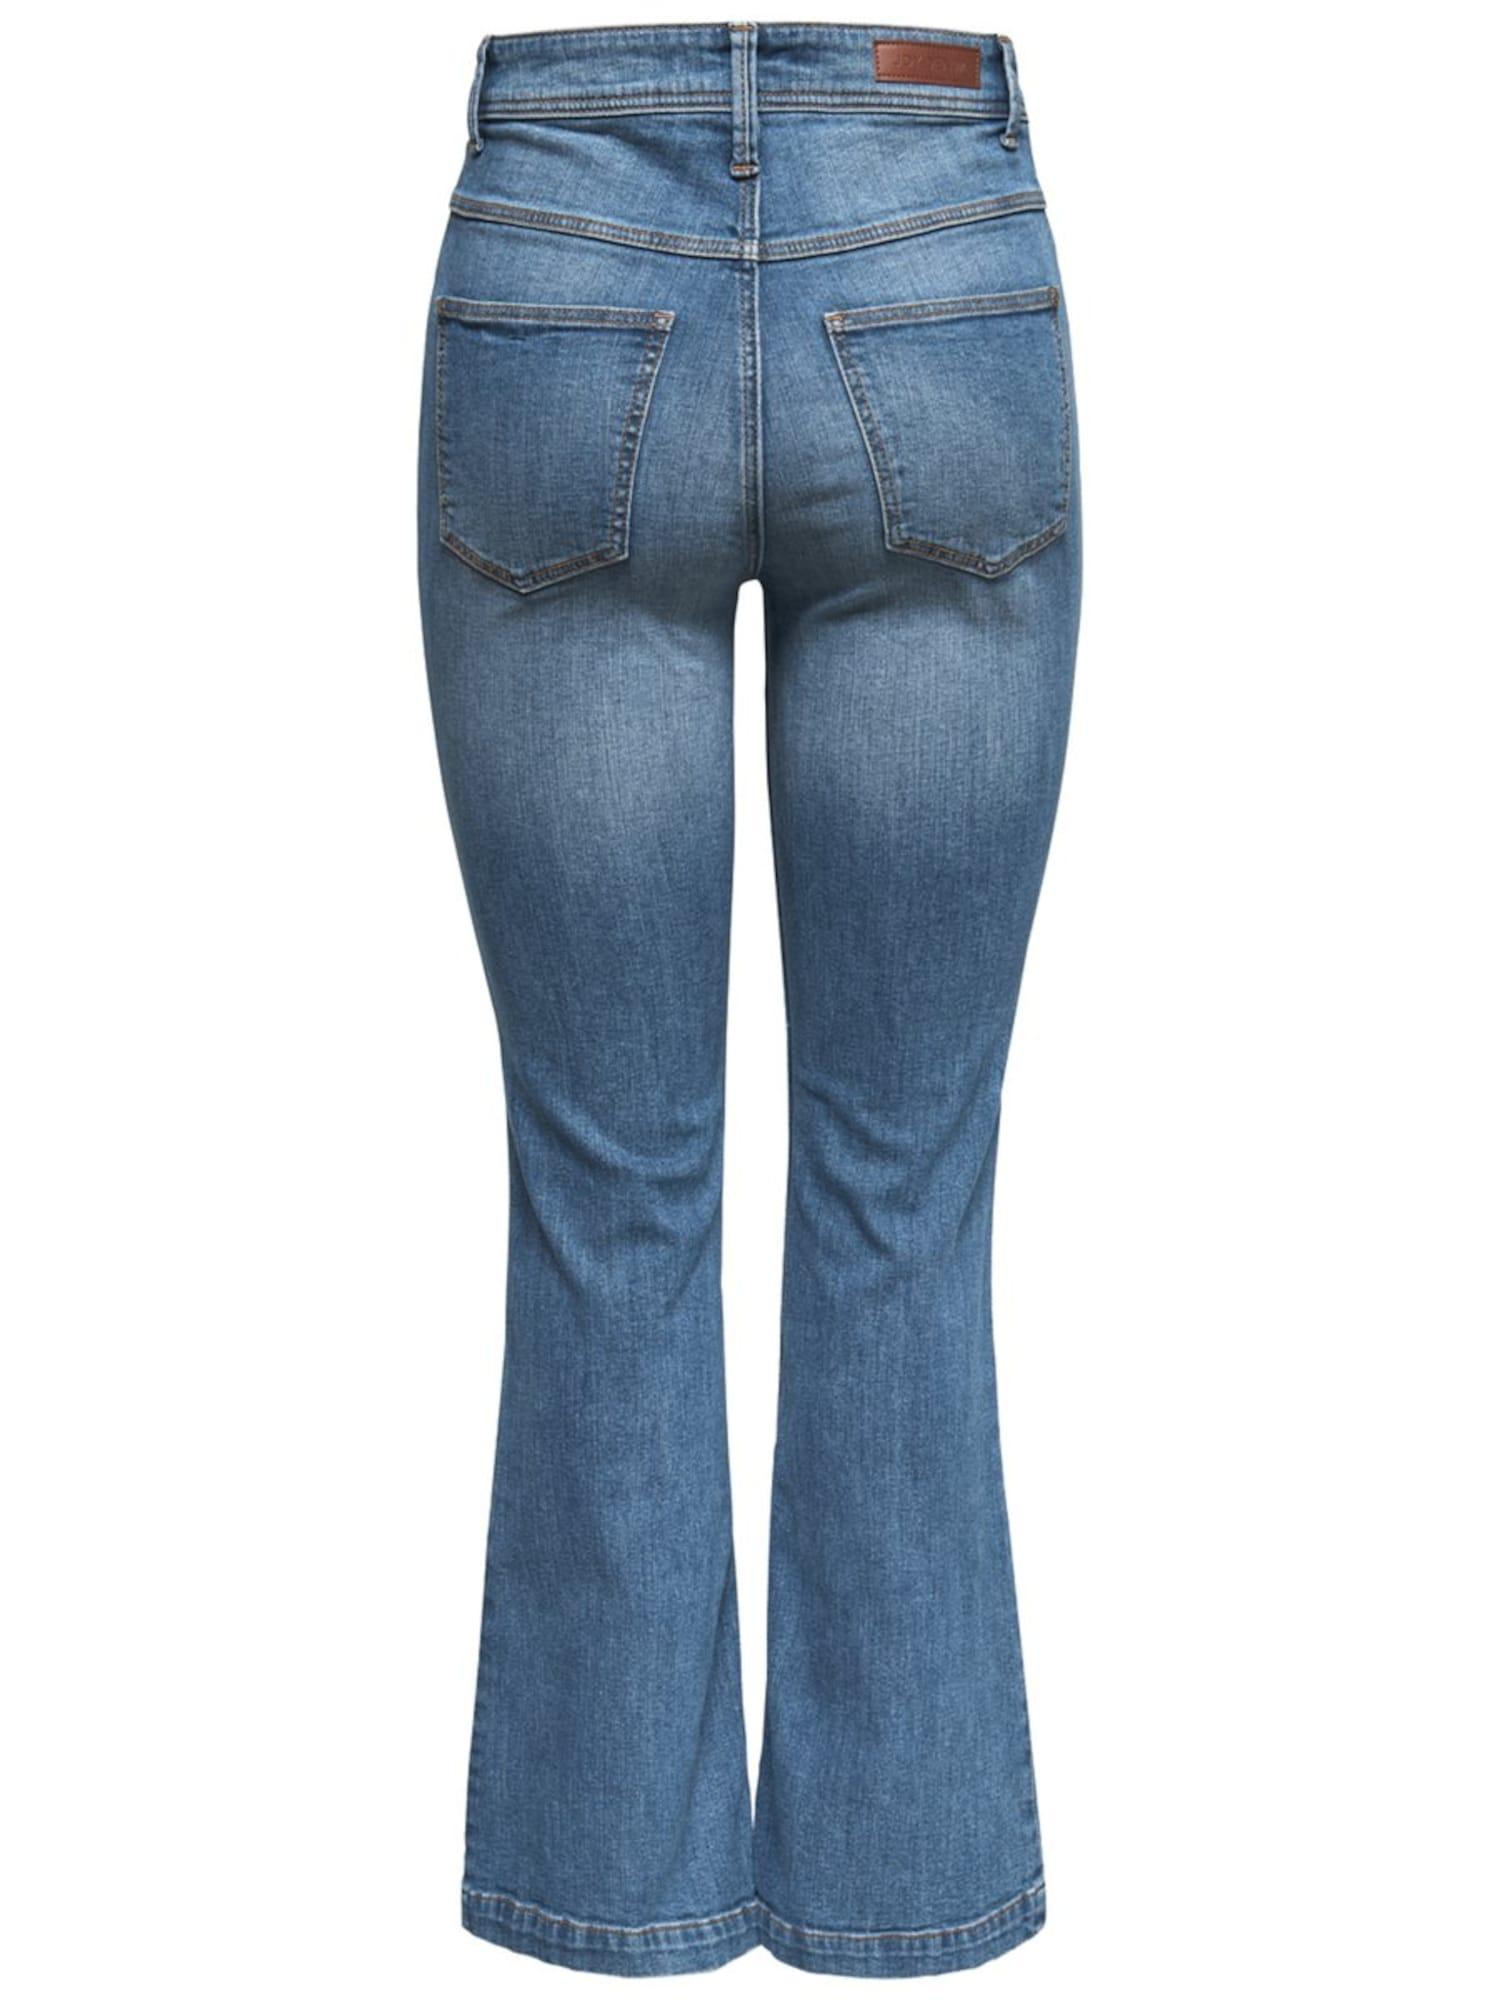 JACQUELINE de YONG Jeans  blå denim